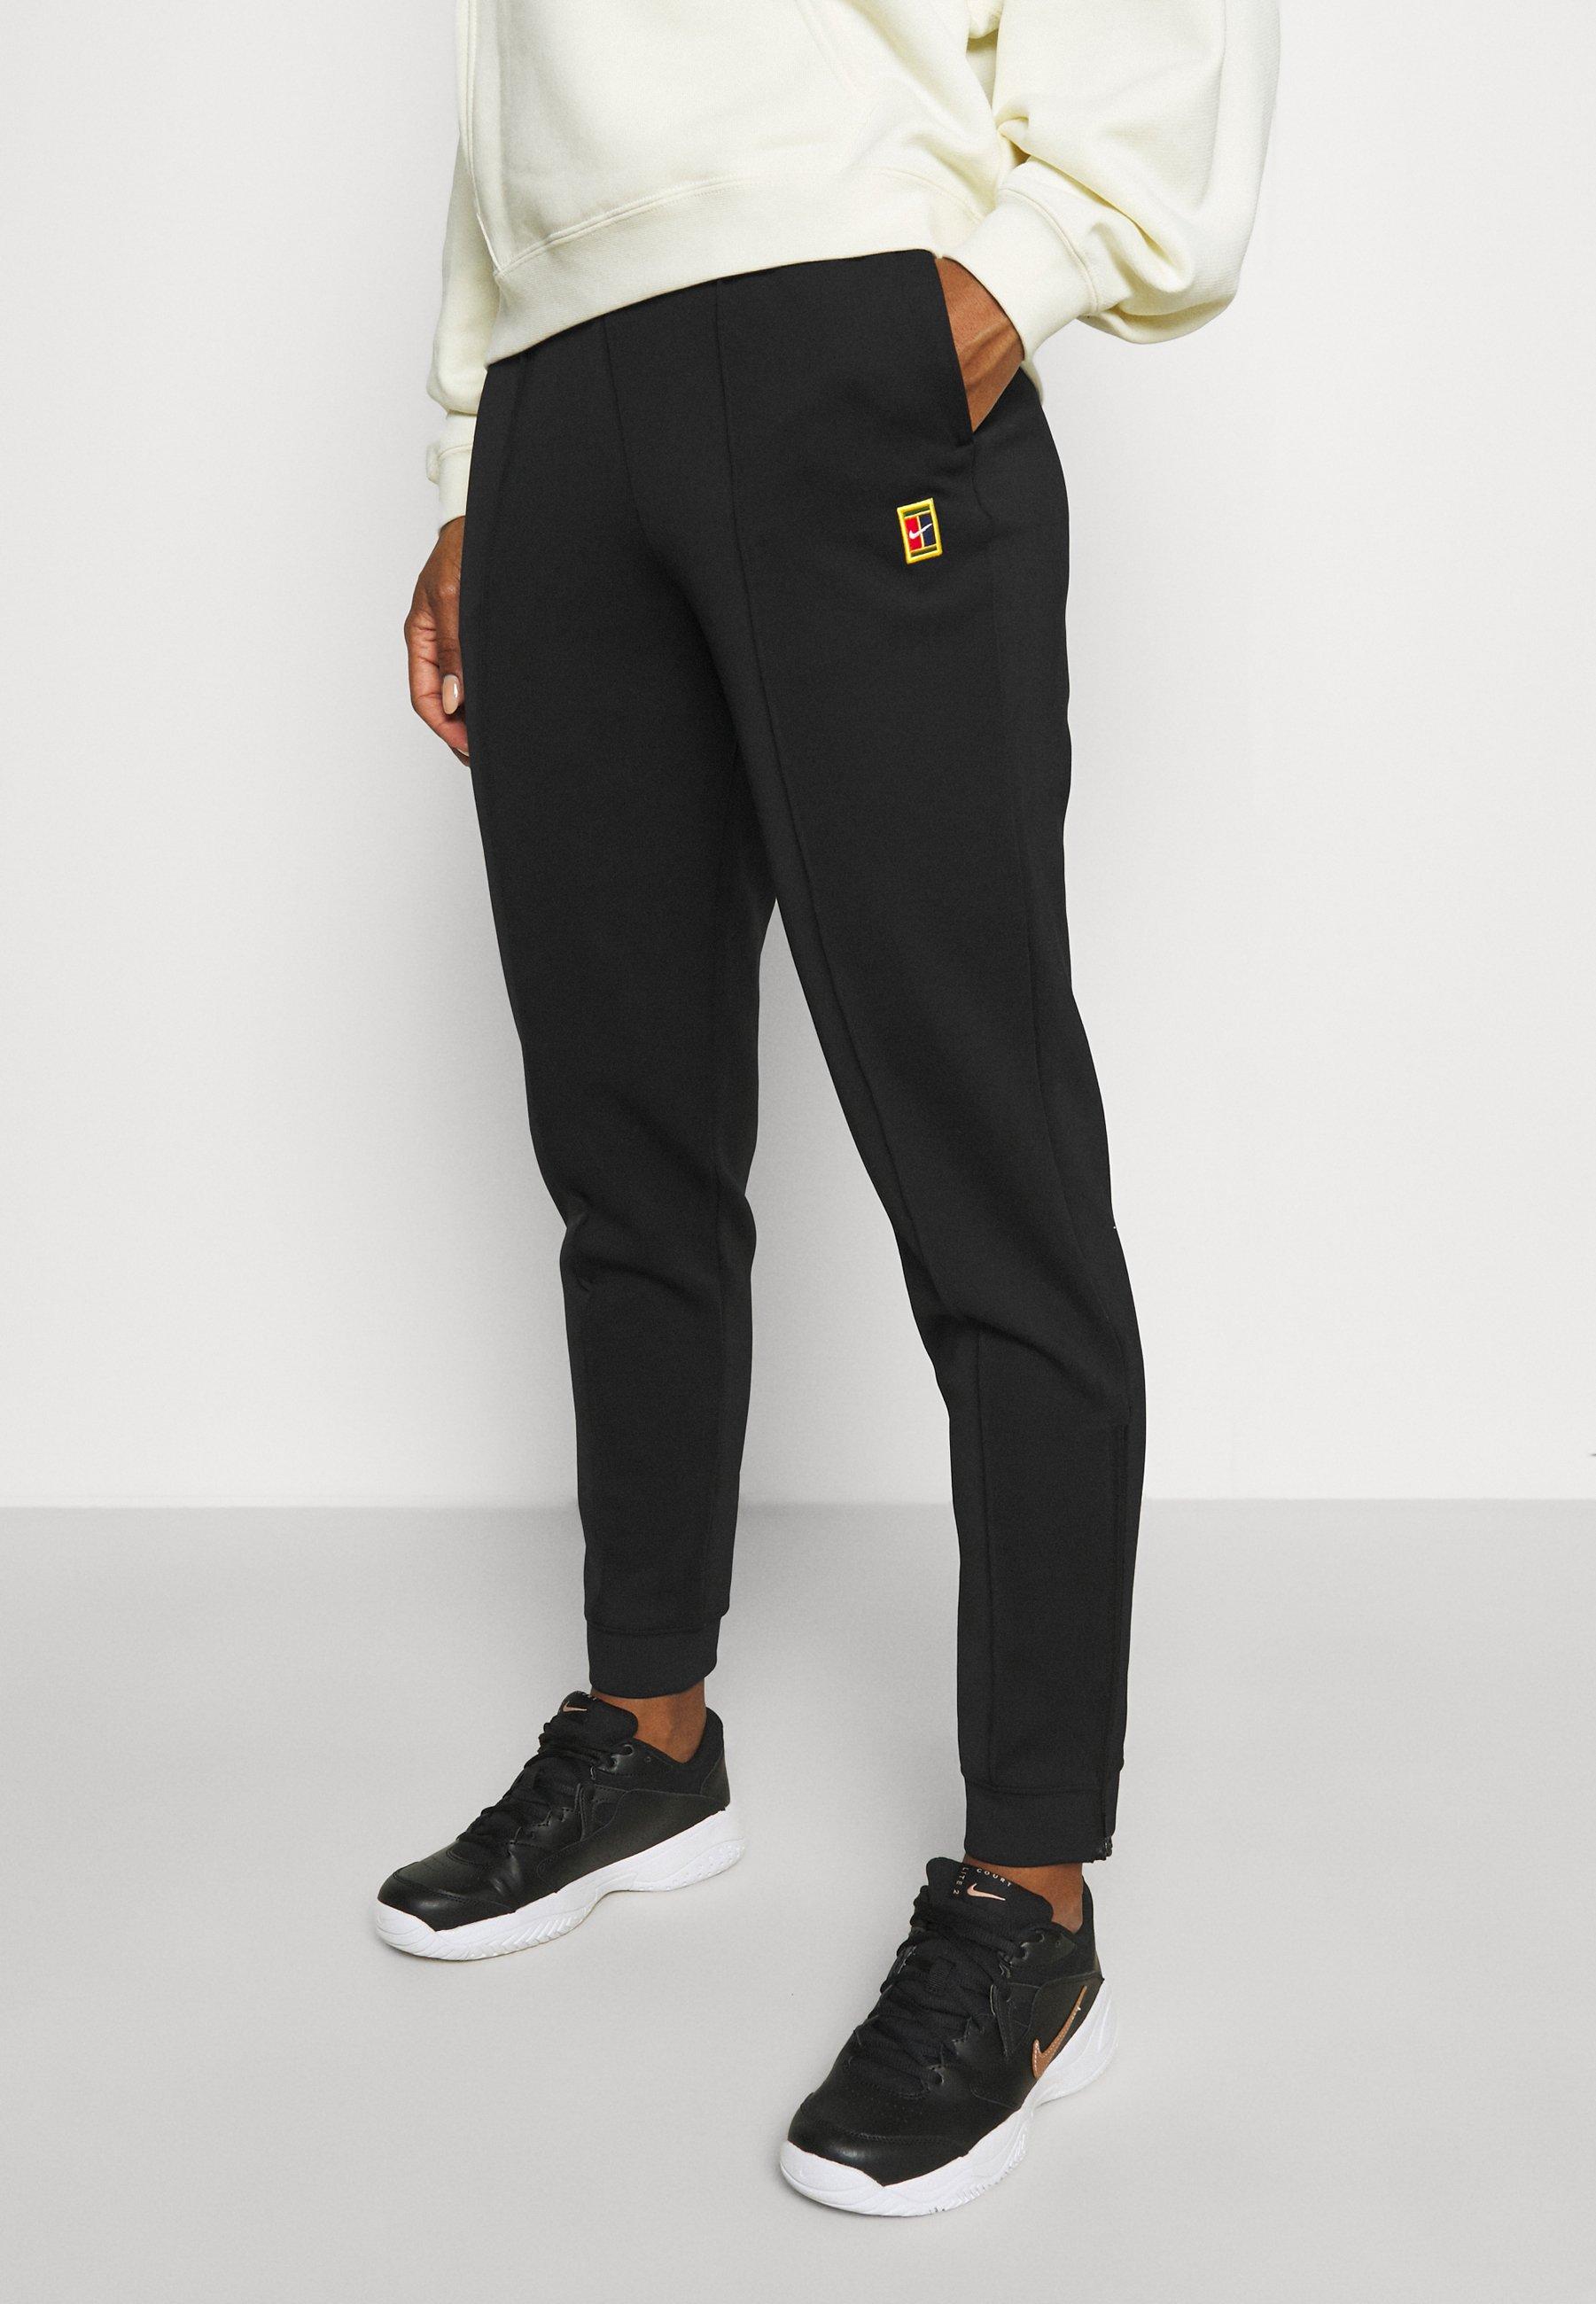 Femme HERITAGE PANT - Pantalon de survêtement